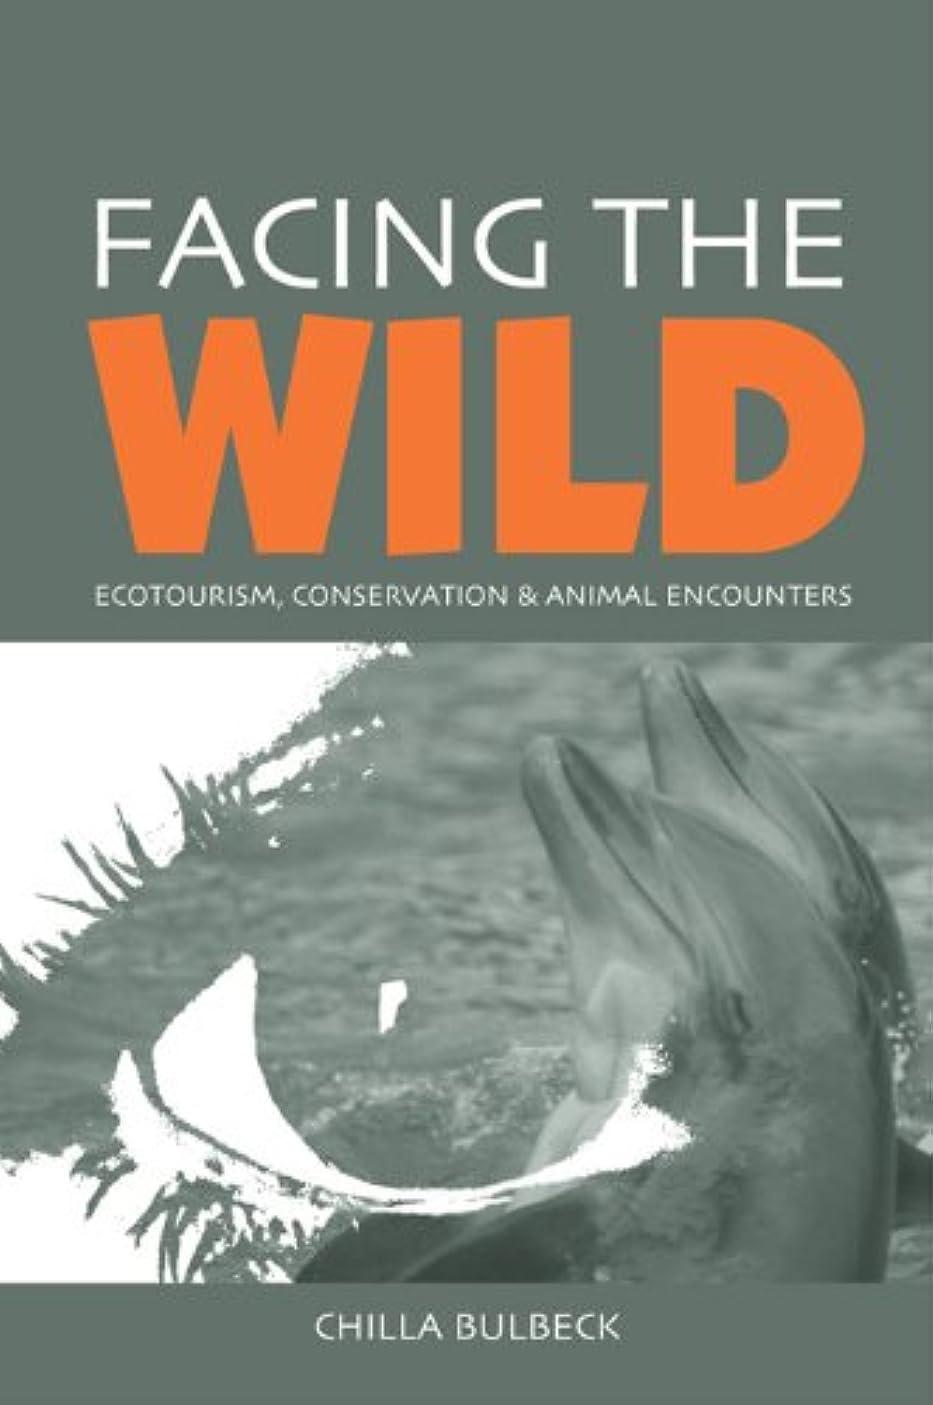 リットル公爵拾うFacing the Wild: Ecotourism, Conservation and Animal Encounters (English Edition)